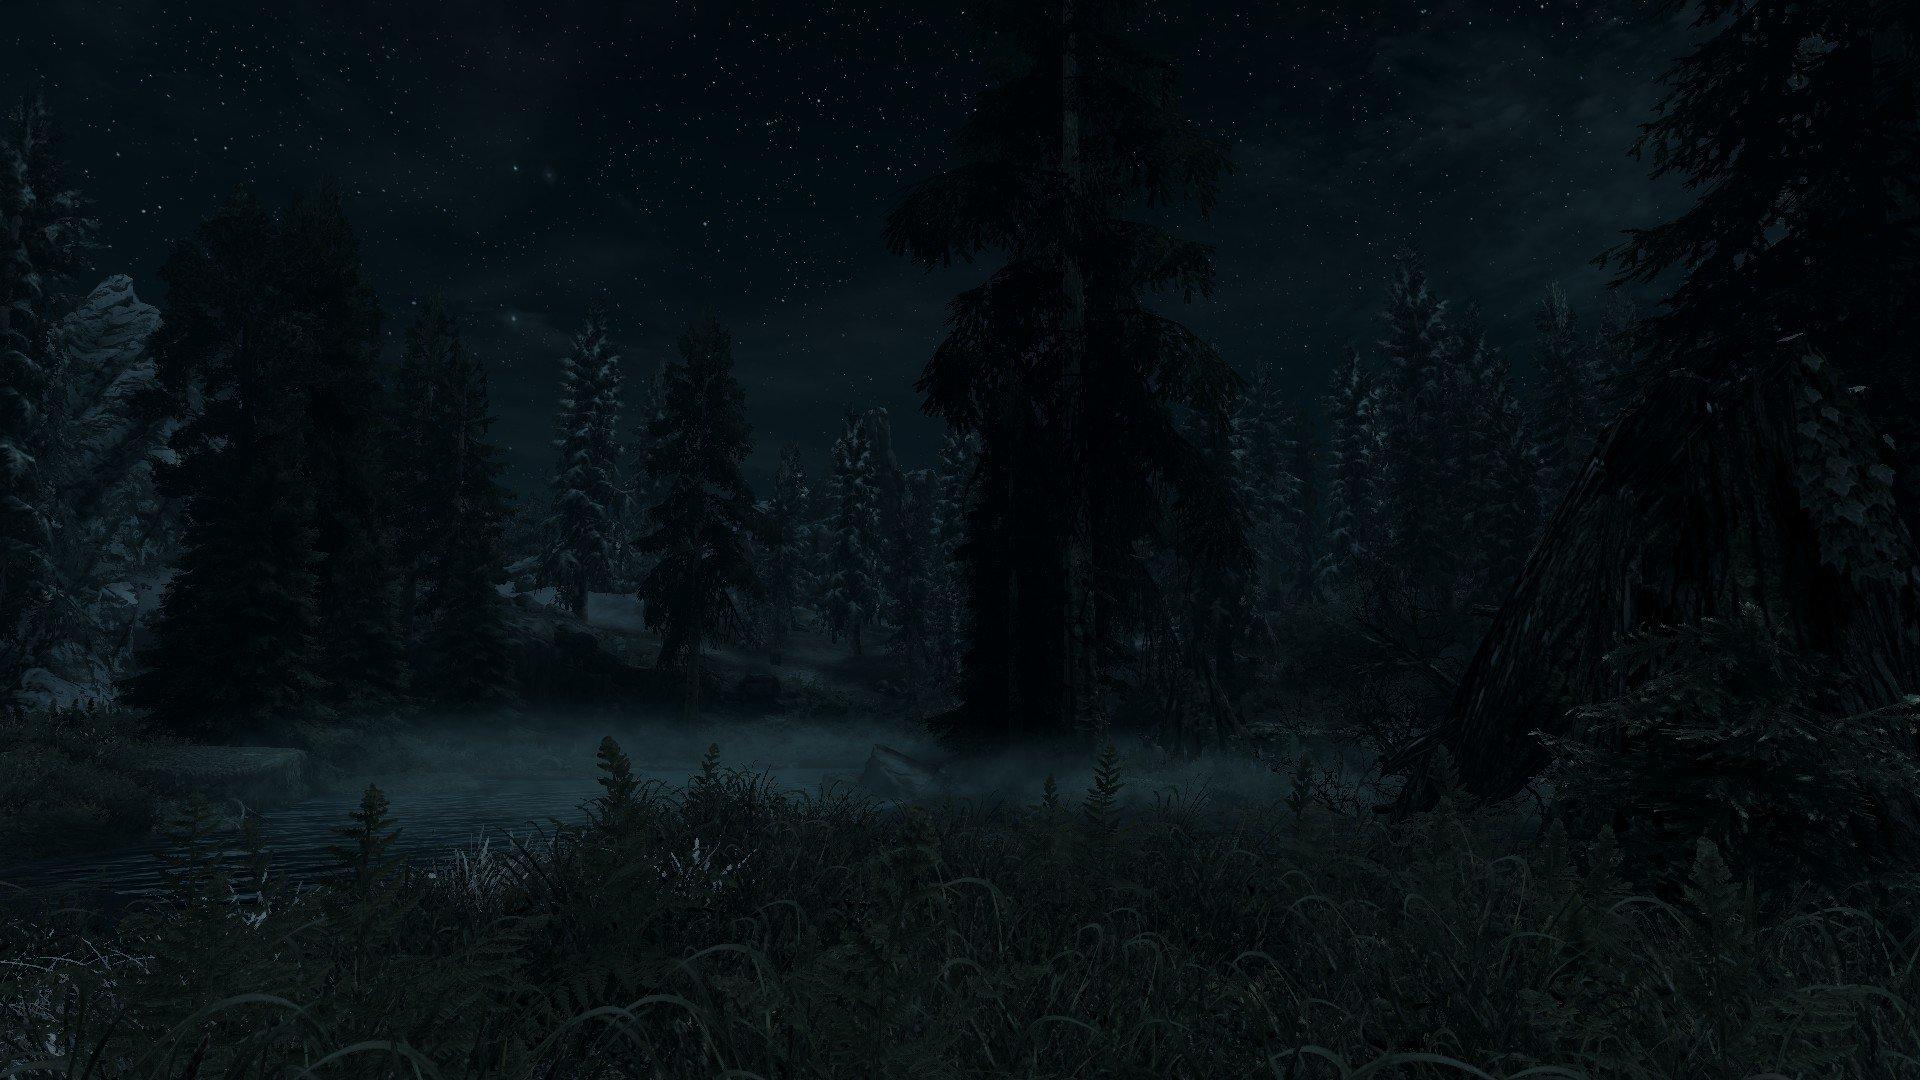 dark forest hd wallpaper background image 1920x1080